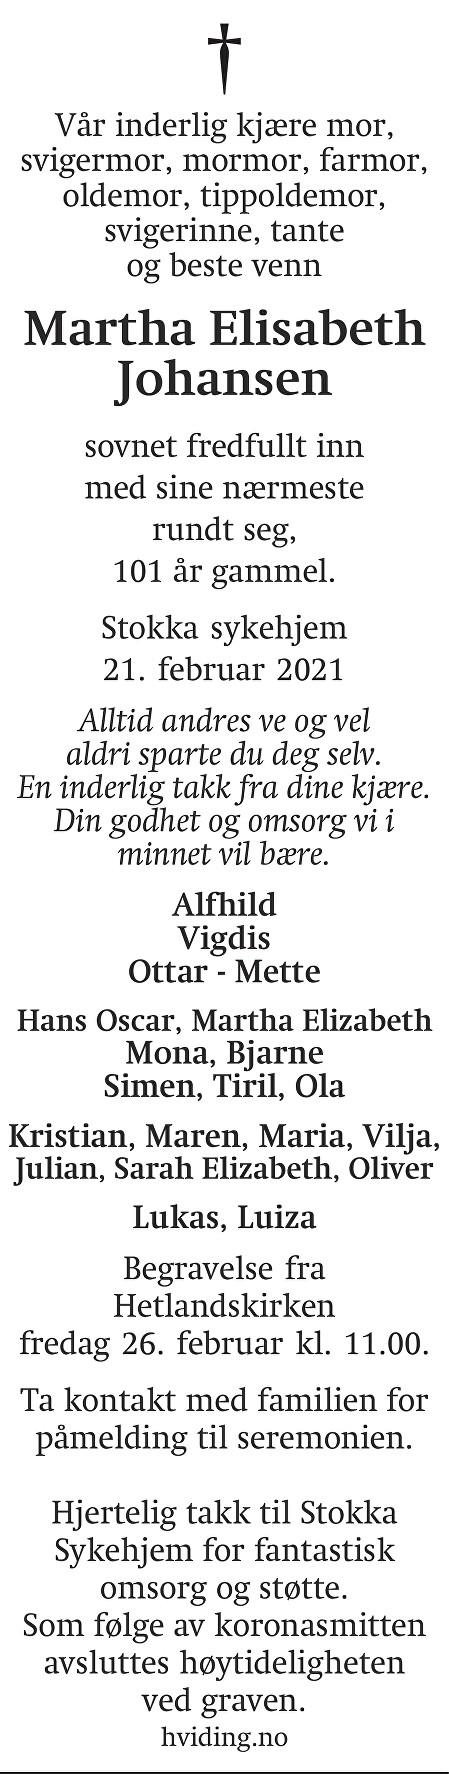 Martha Elisabeth Johansen Dødsannonse